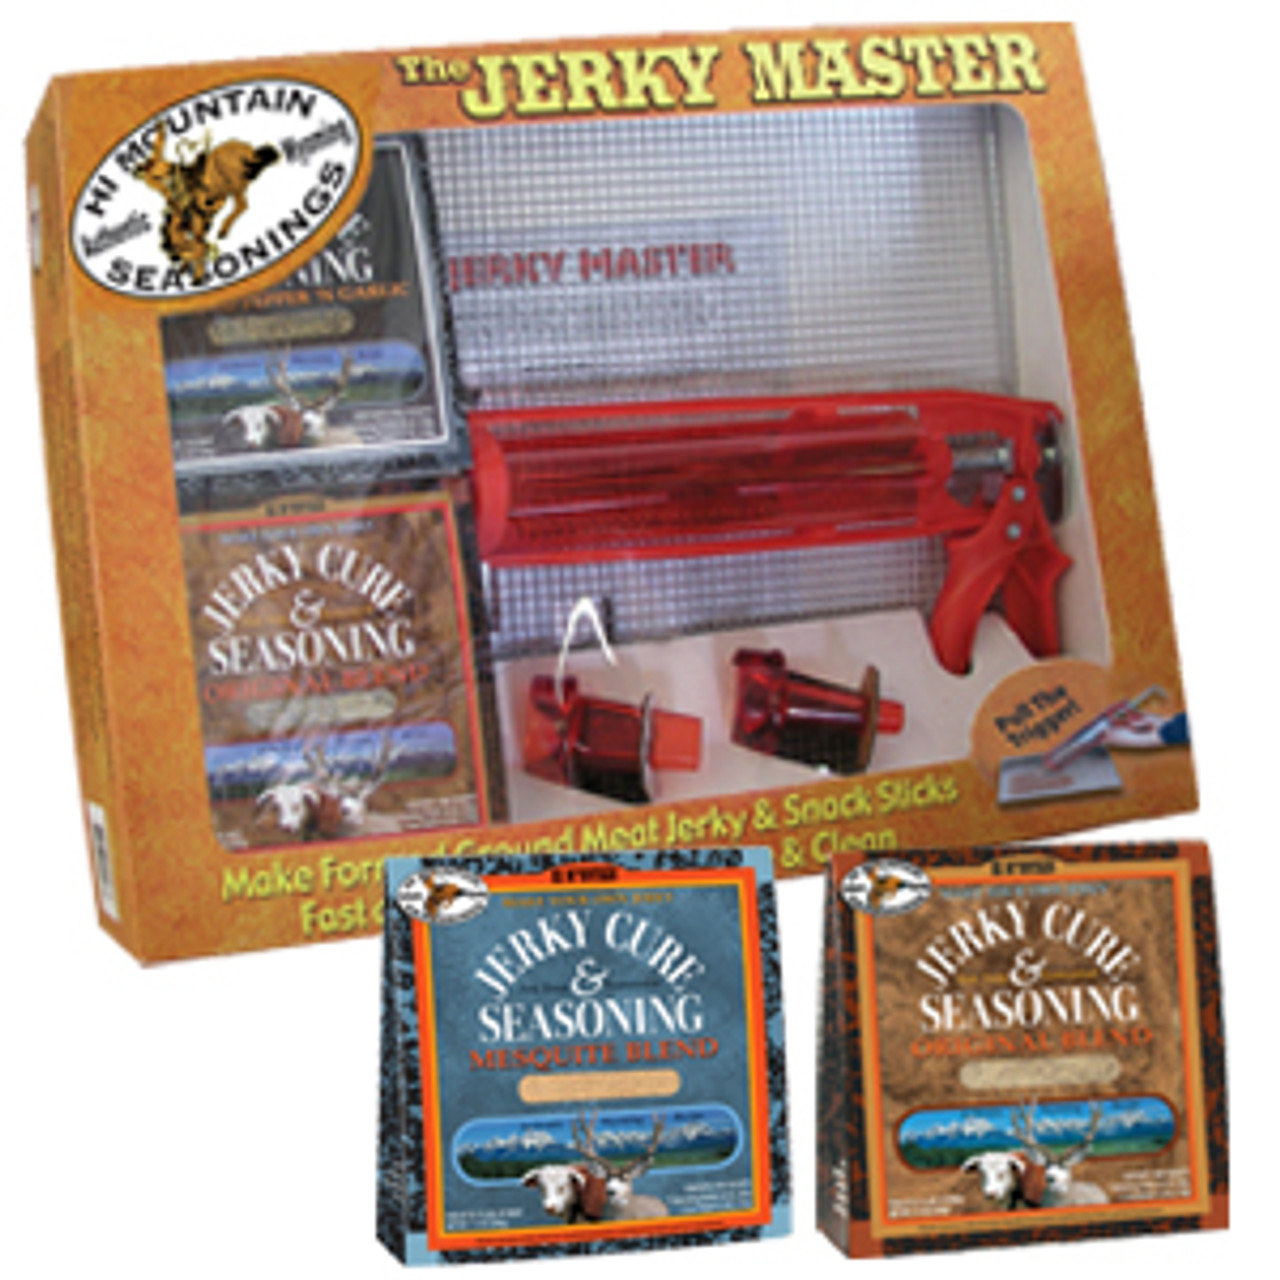 Jerky Master